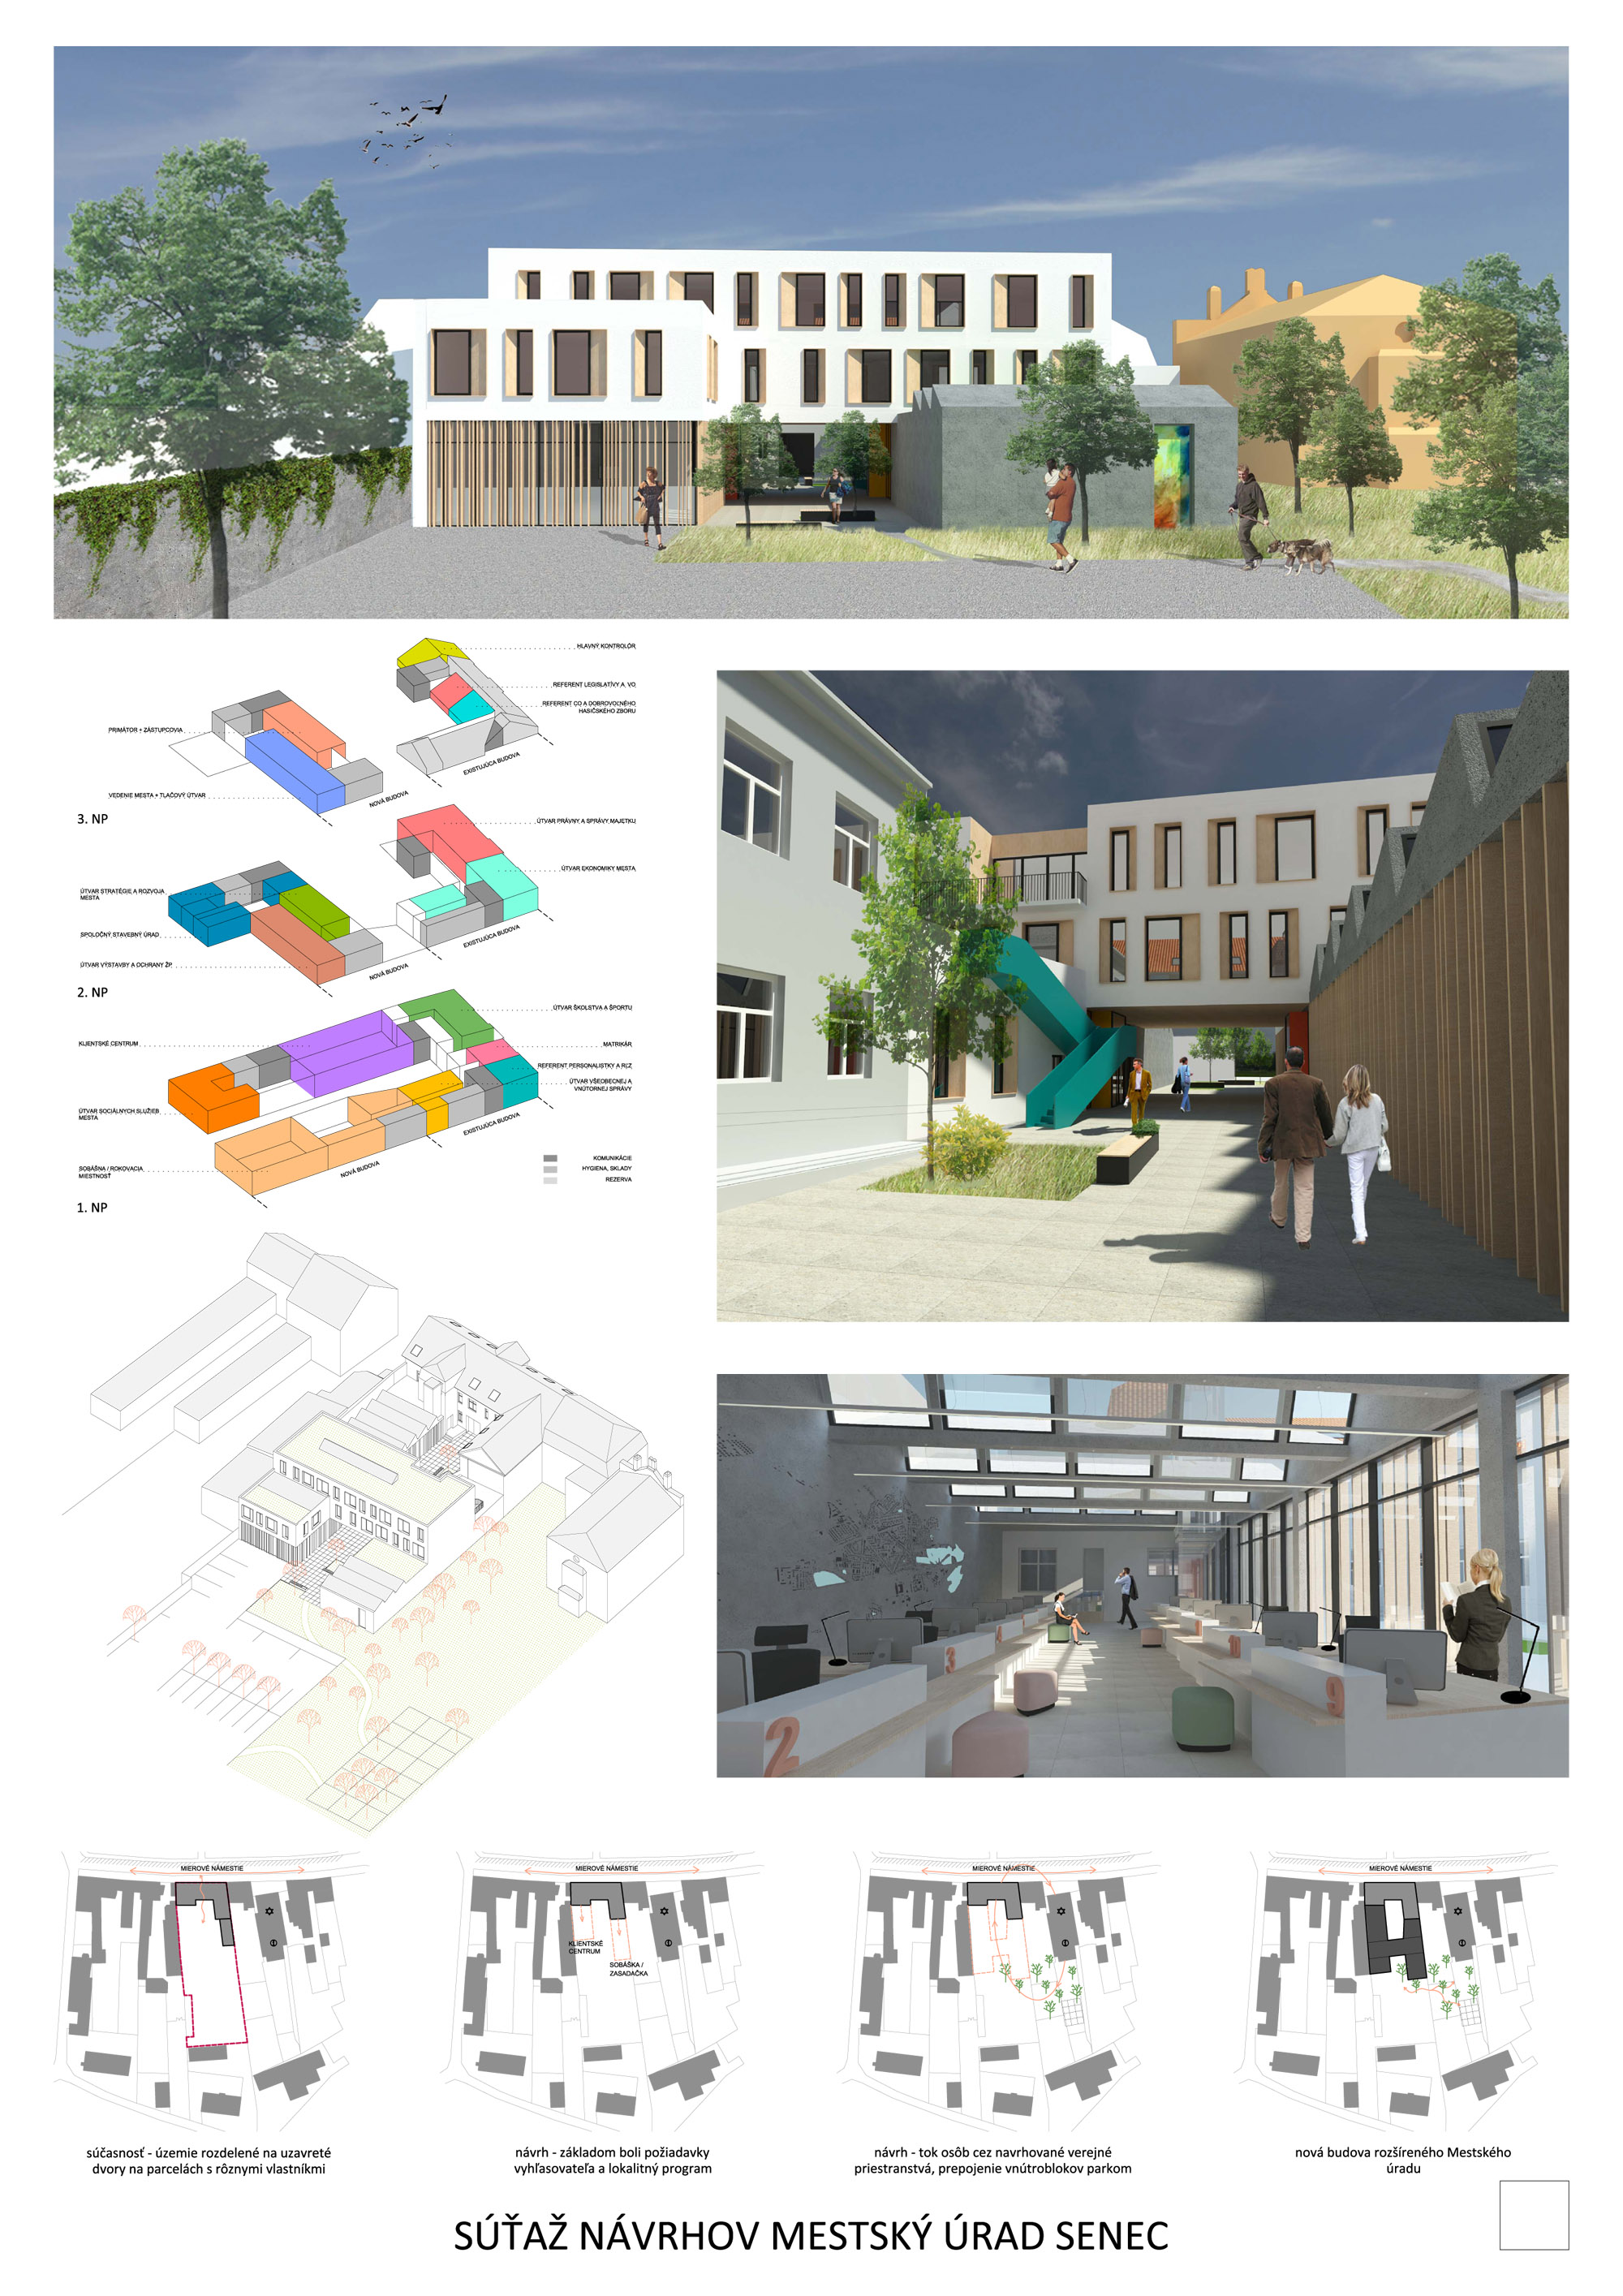 návrh č. 5: M. Lichvárová, Š. Lichvár, M. Petráš, A. Schleicher, spolupráca: B. Lichtmanová